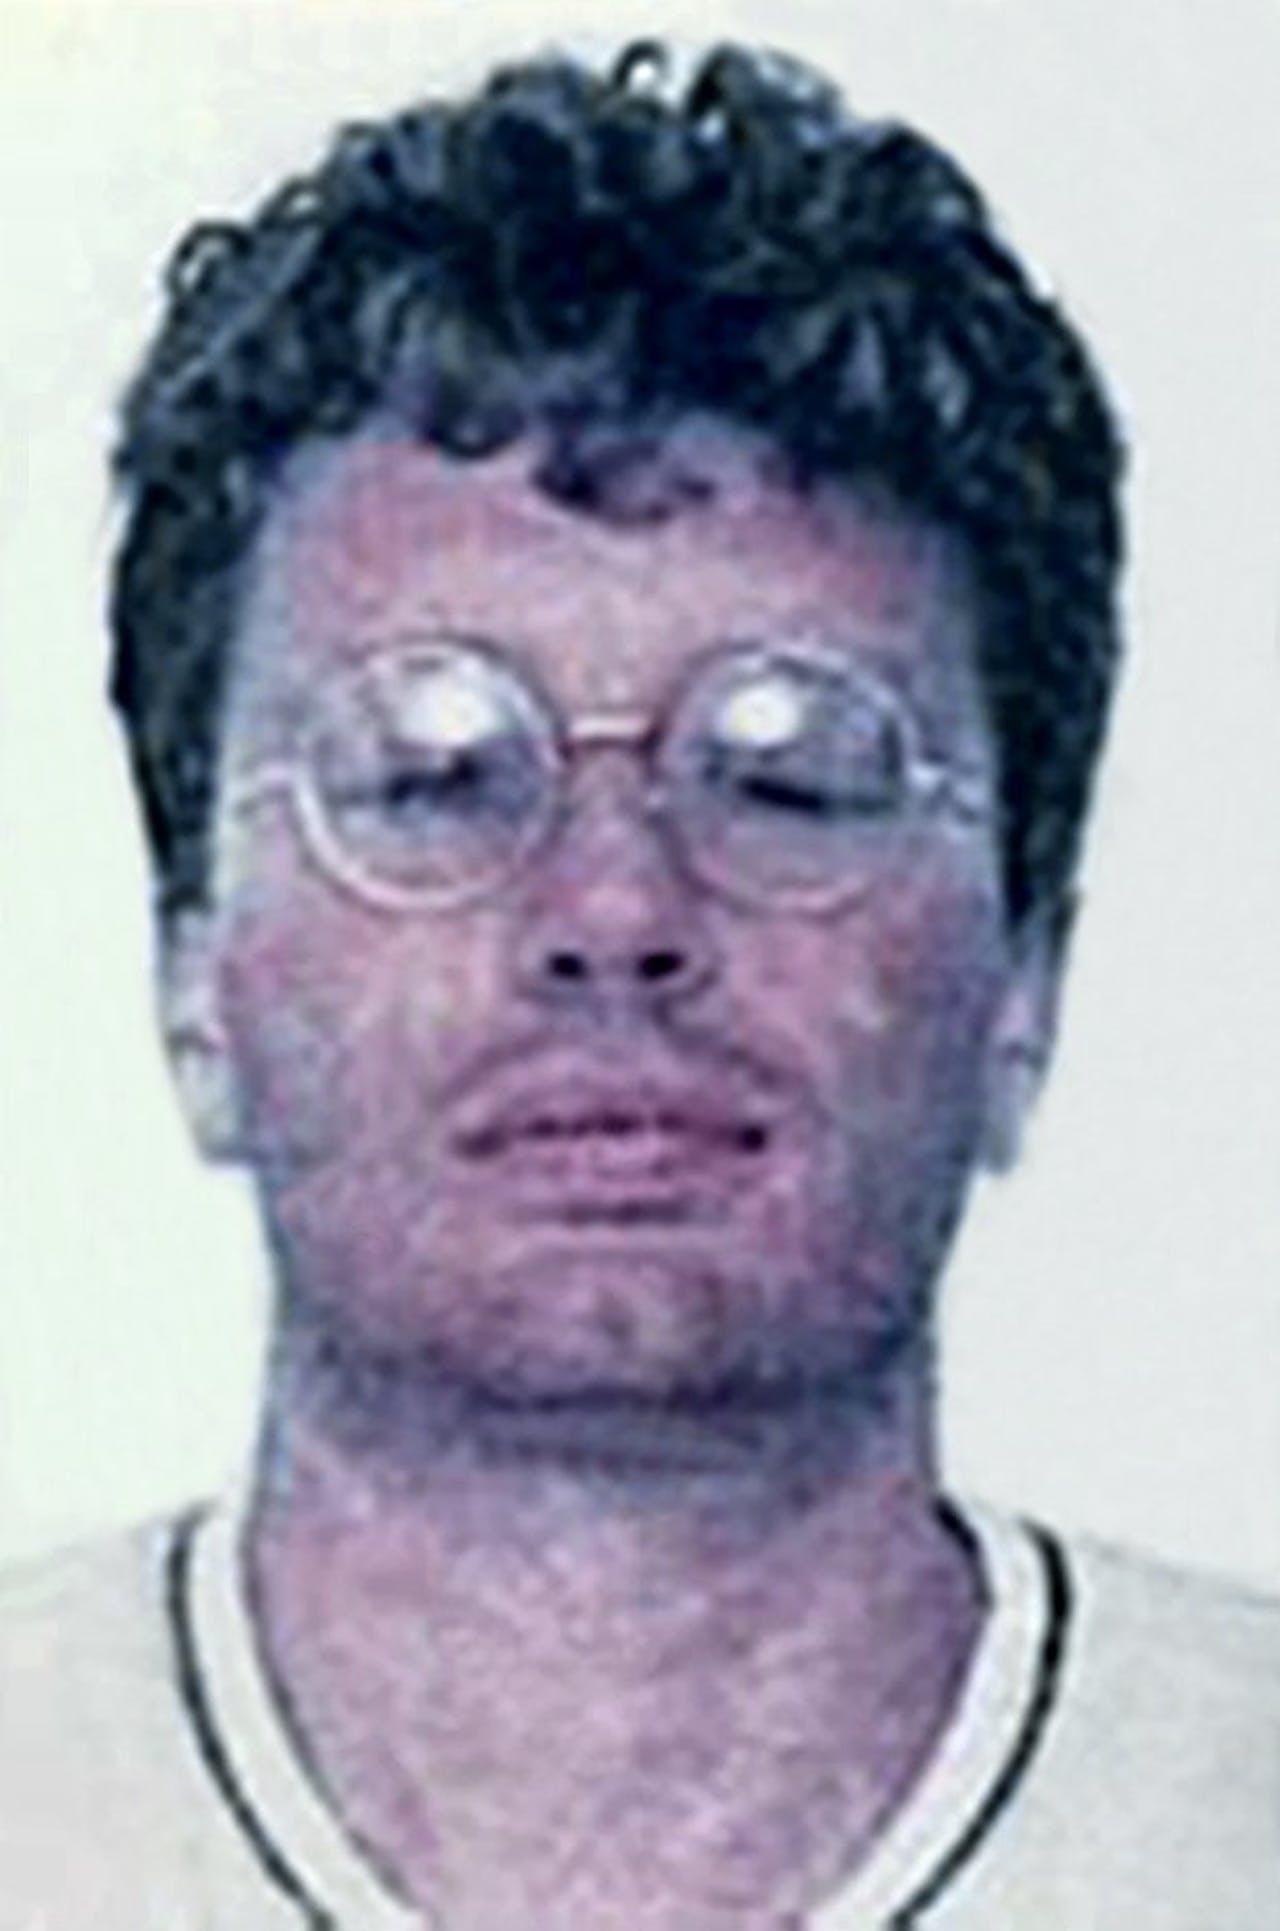 Archieffoto van de in 2005 vermoorde John Mieremet